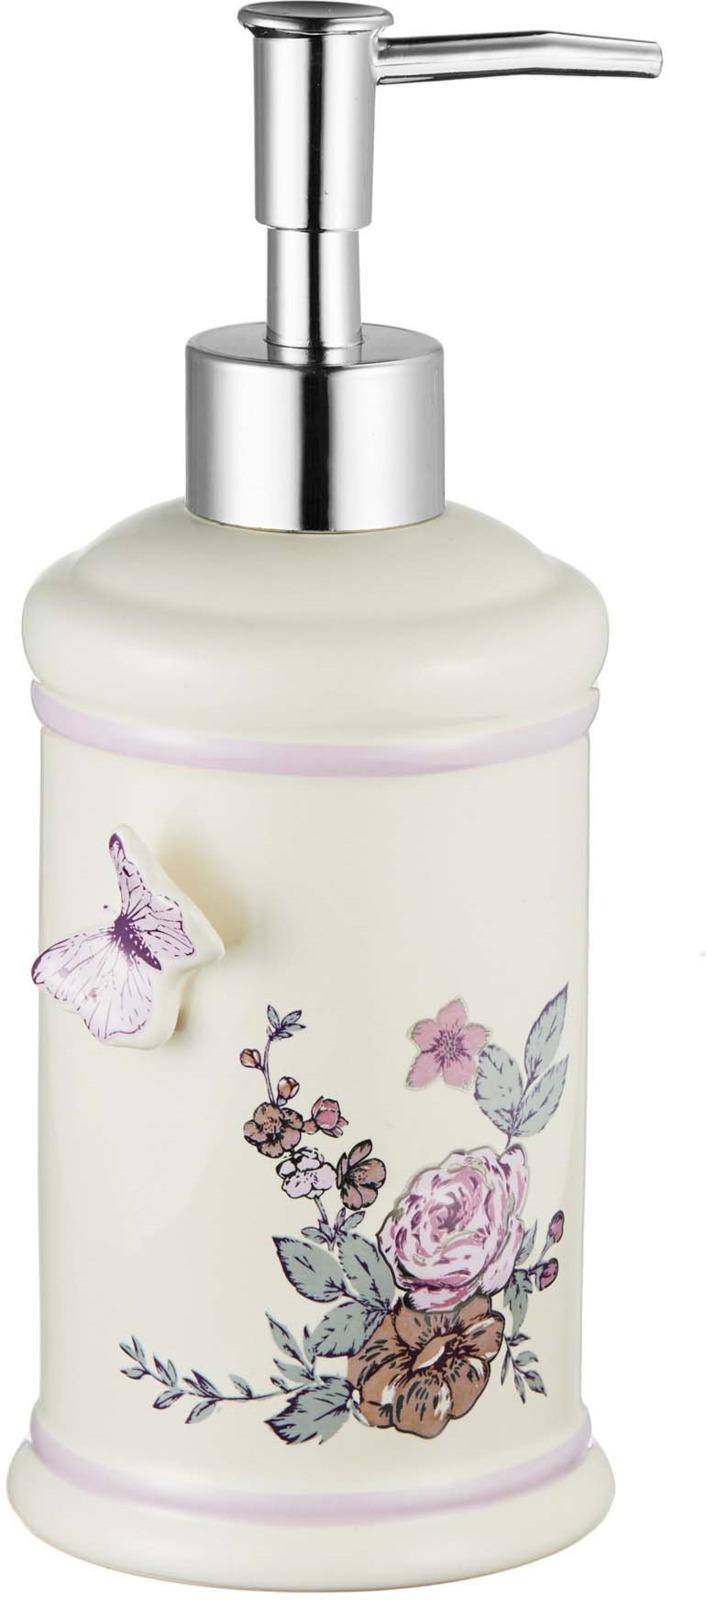 Диспенсер для мыла Fora Butterfly, FOR-BF021, белый